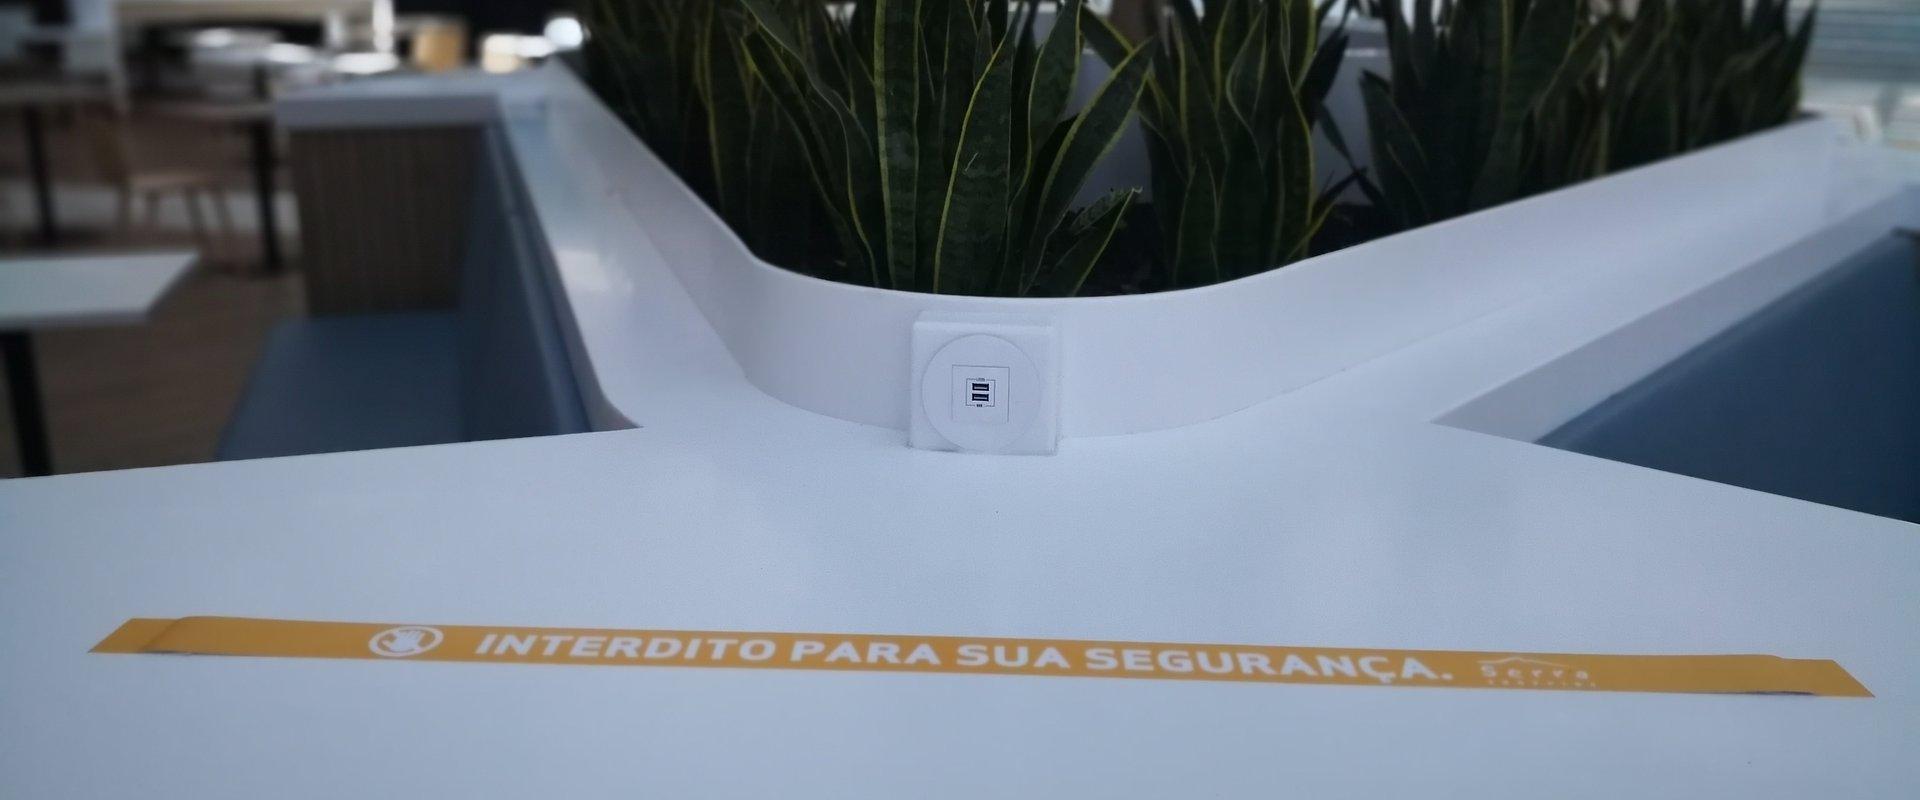 Serra Shopping renova selo de higiene e segurança com certificação SGS